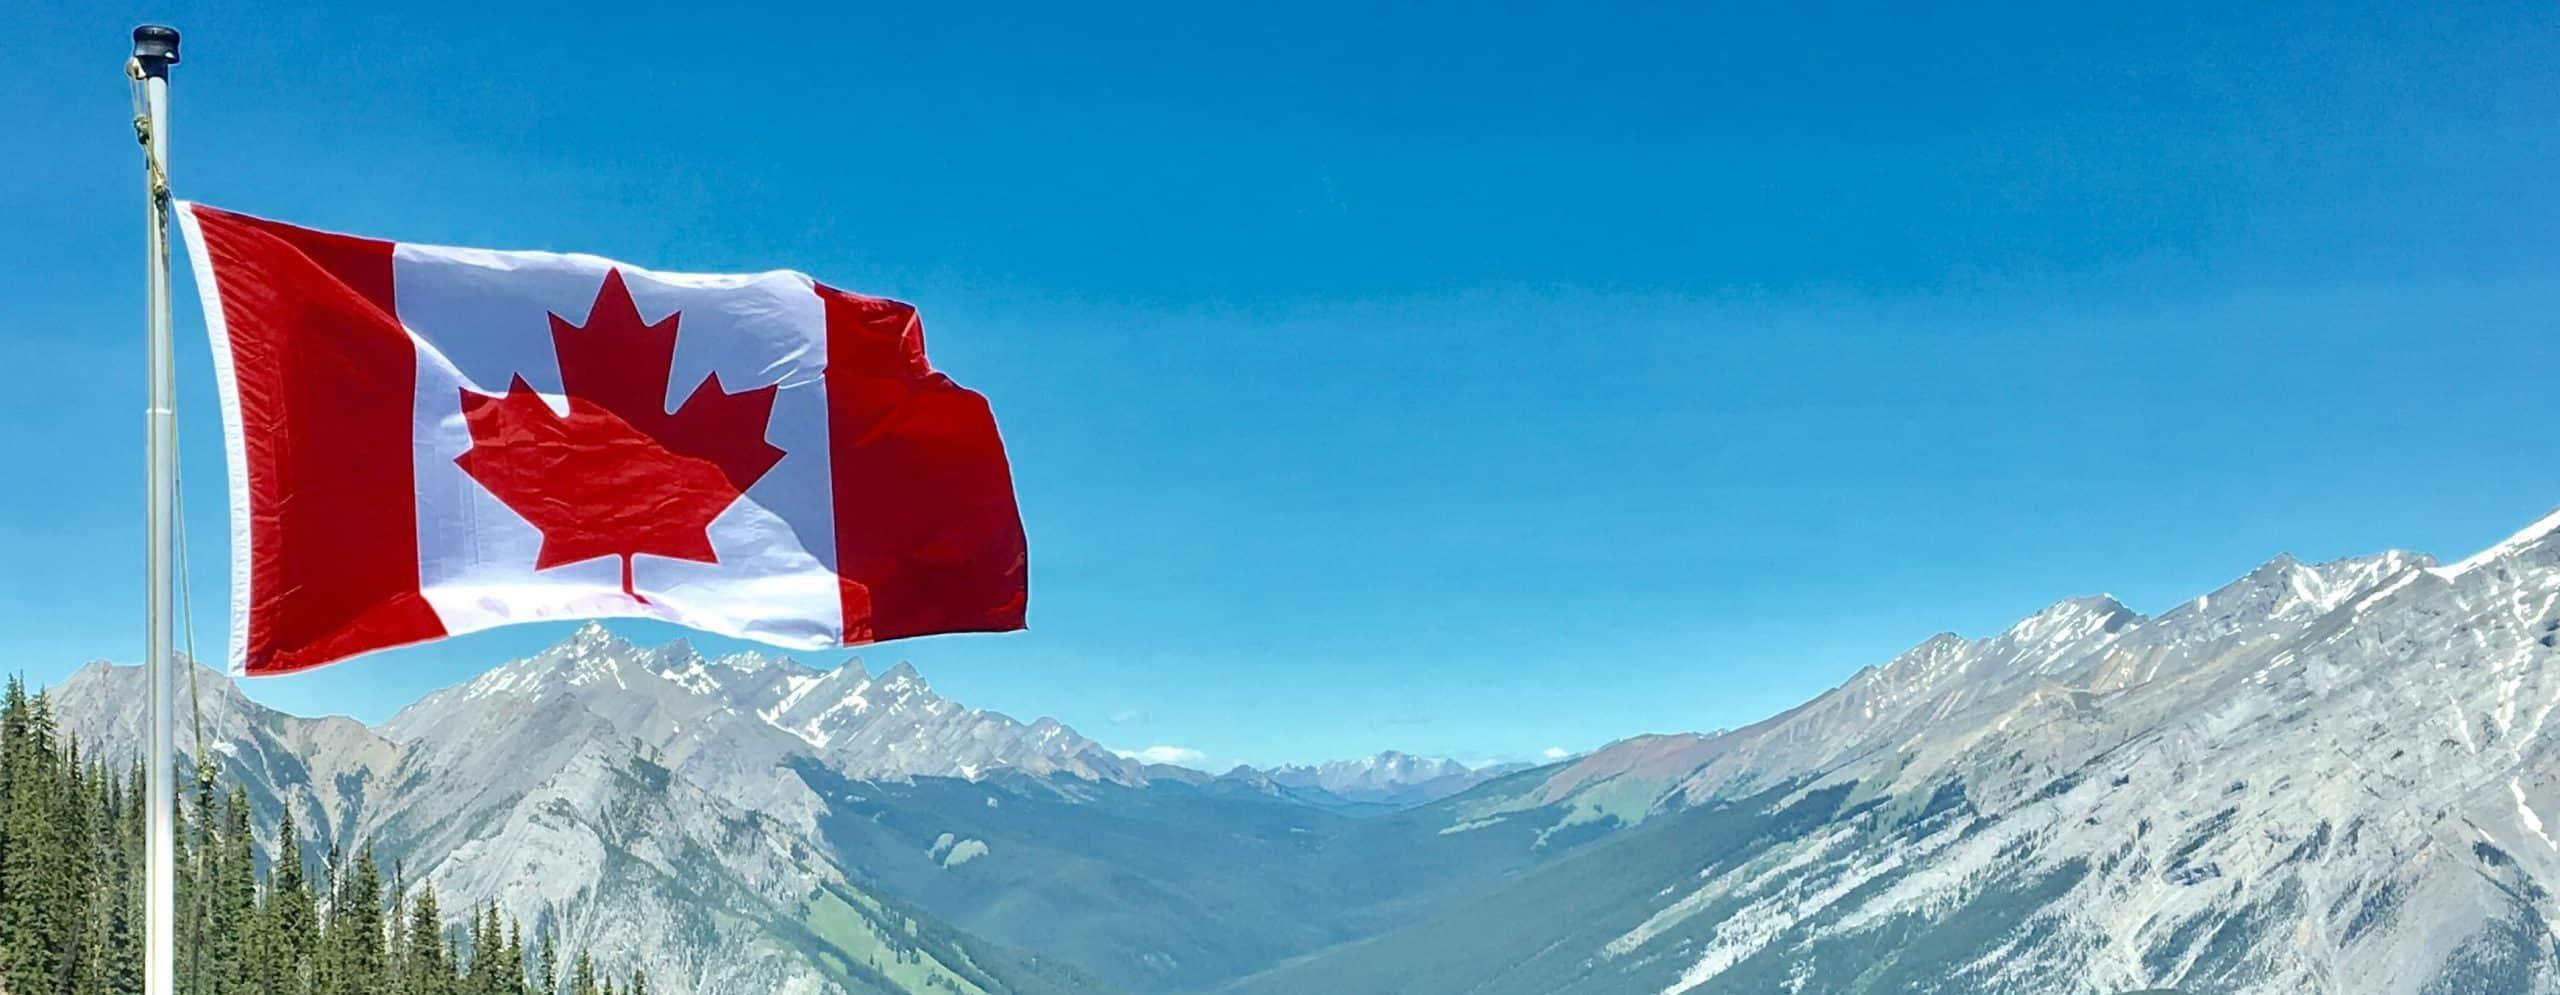 drapeau-flotant-canda-québec-nature